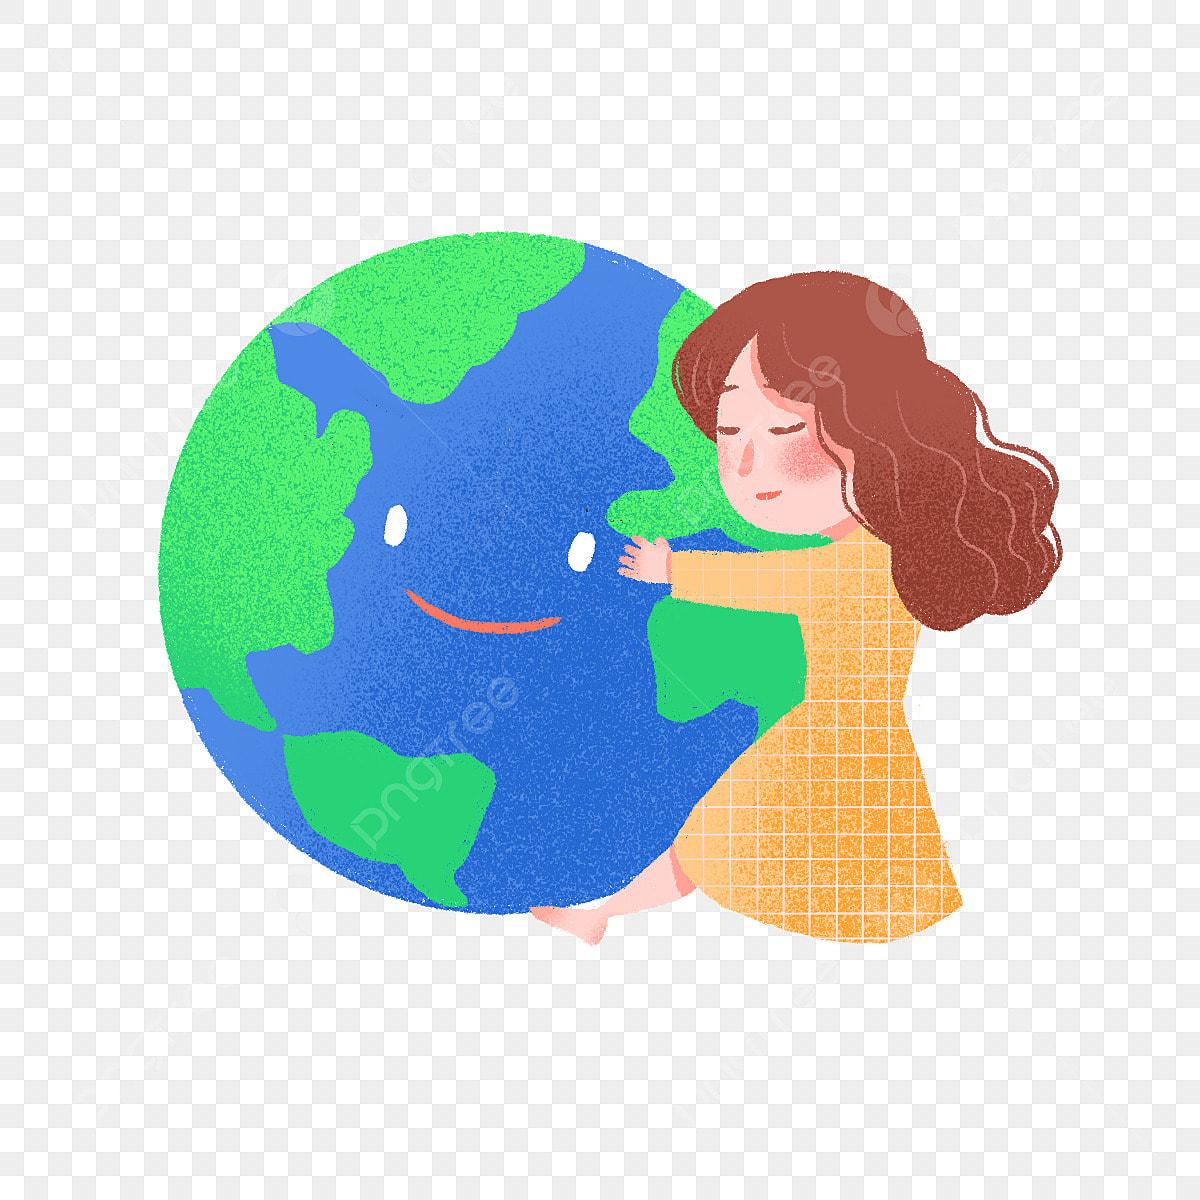 картинка обнимаю землю будьте любимы